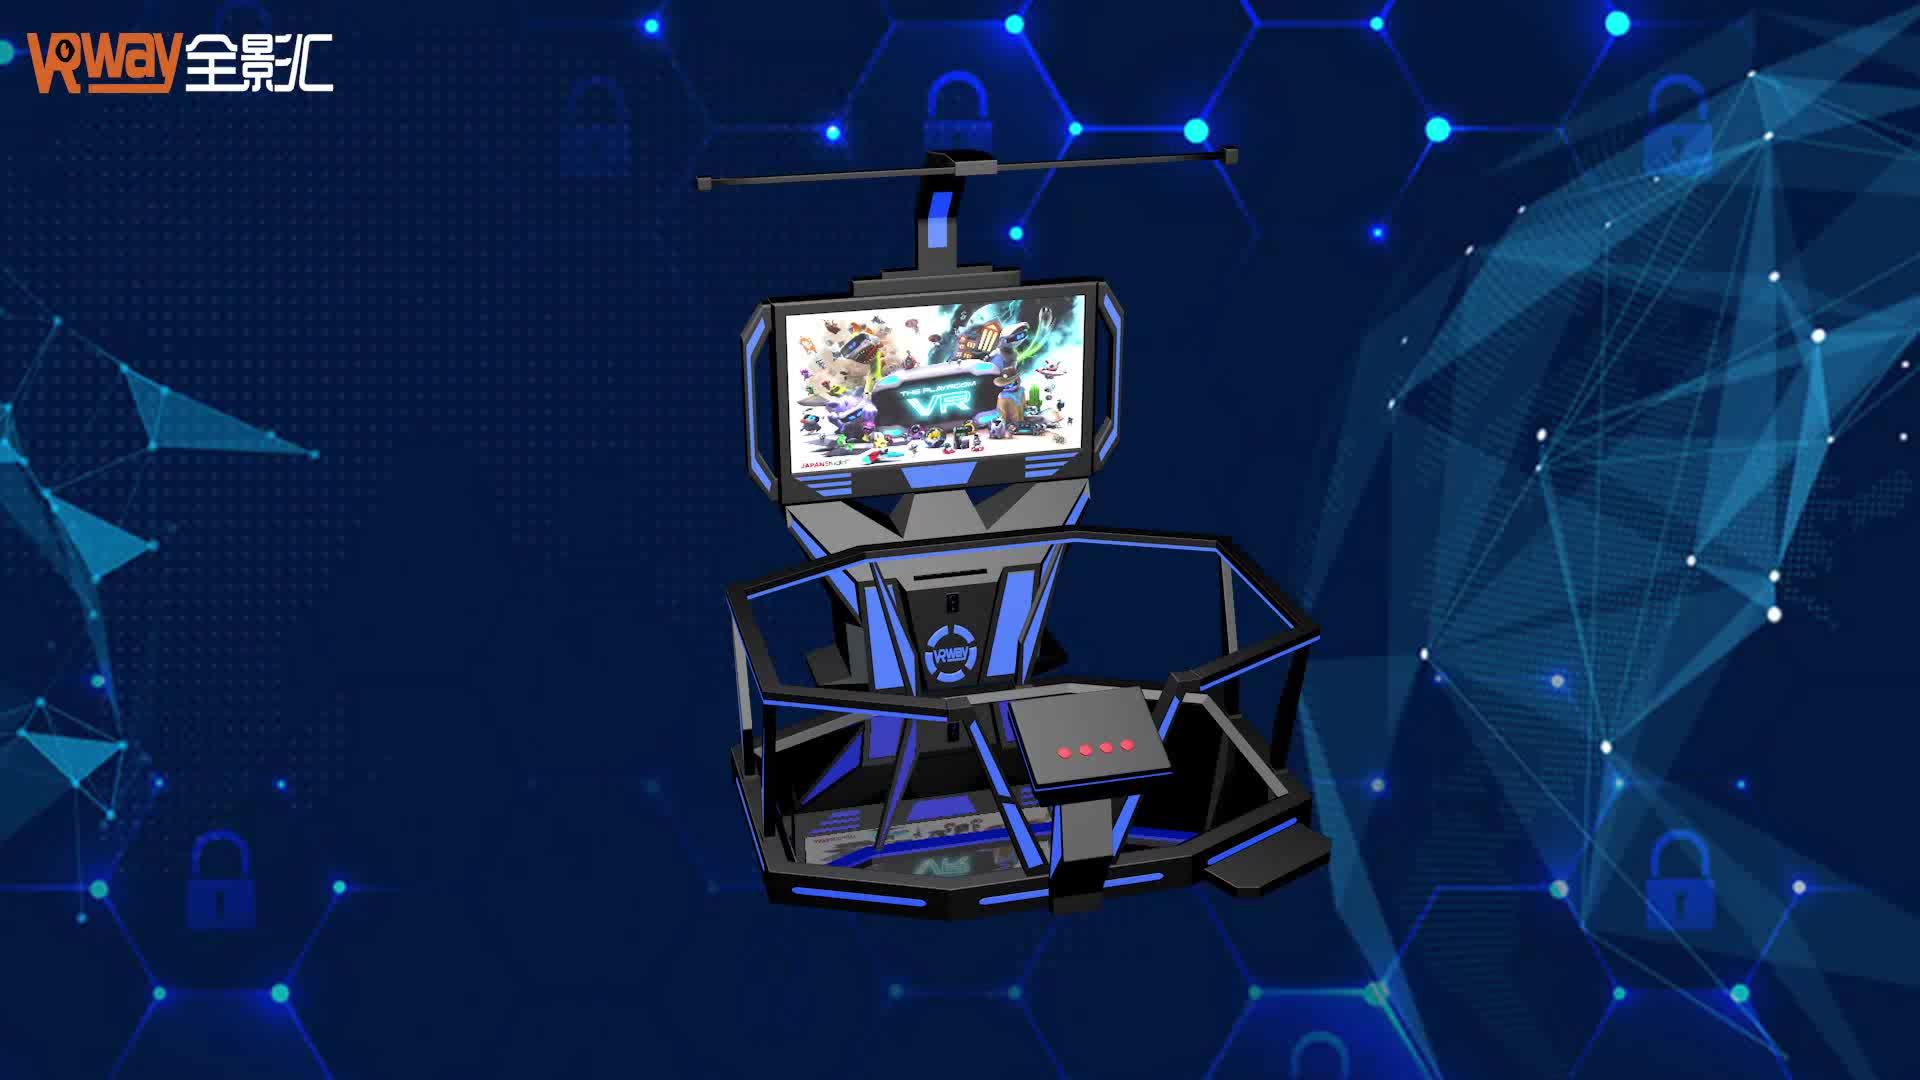 טכנולוגית מיקום מדויקת מאוד 9D סימולטור משחק 3D 5D הליכה סימולטור VR VR VR